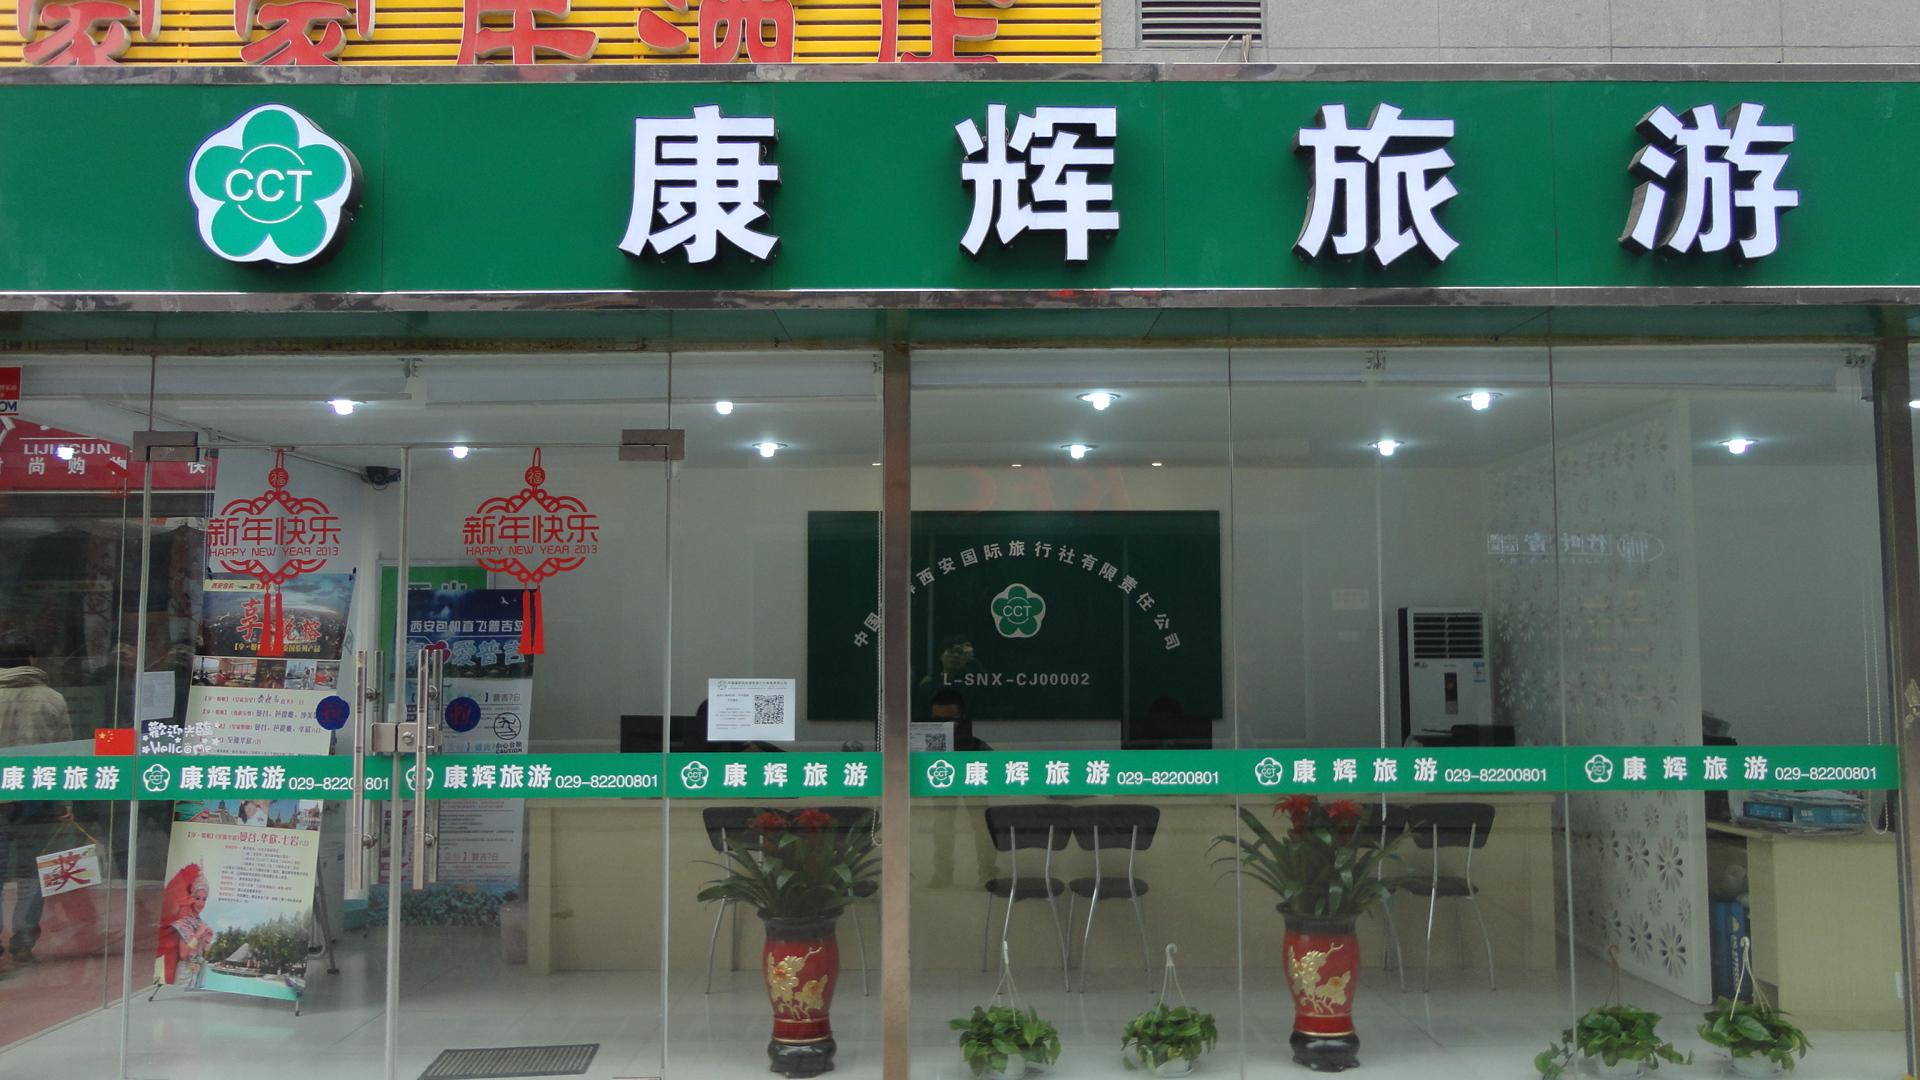 郑州康辉旅行社官网_康辉旅行社加盟 费用多少 电话 怎么样-就要加盟网官网